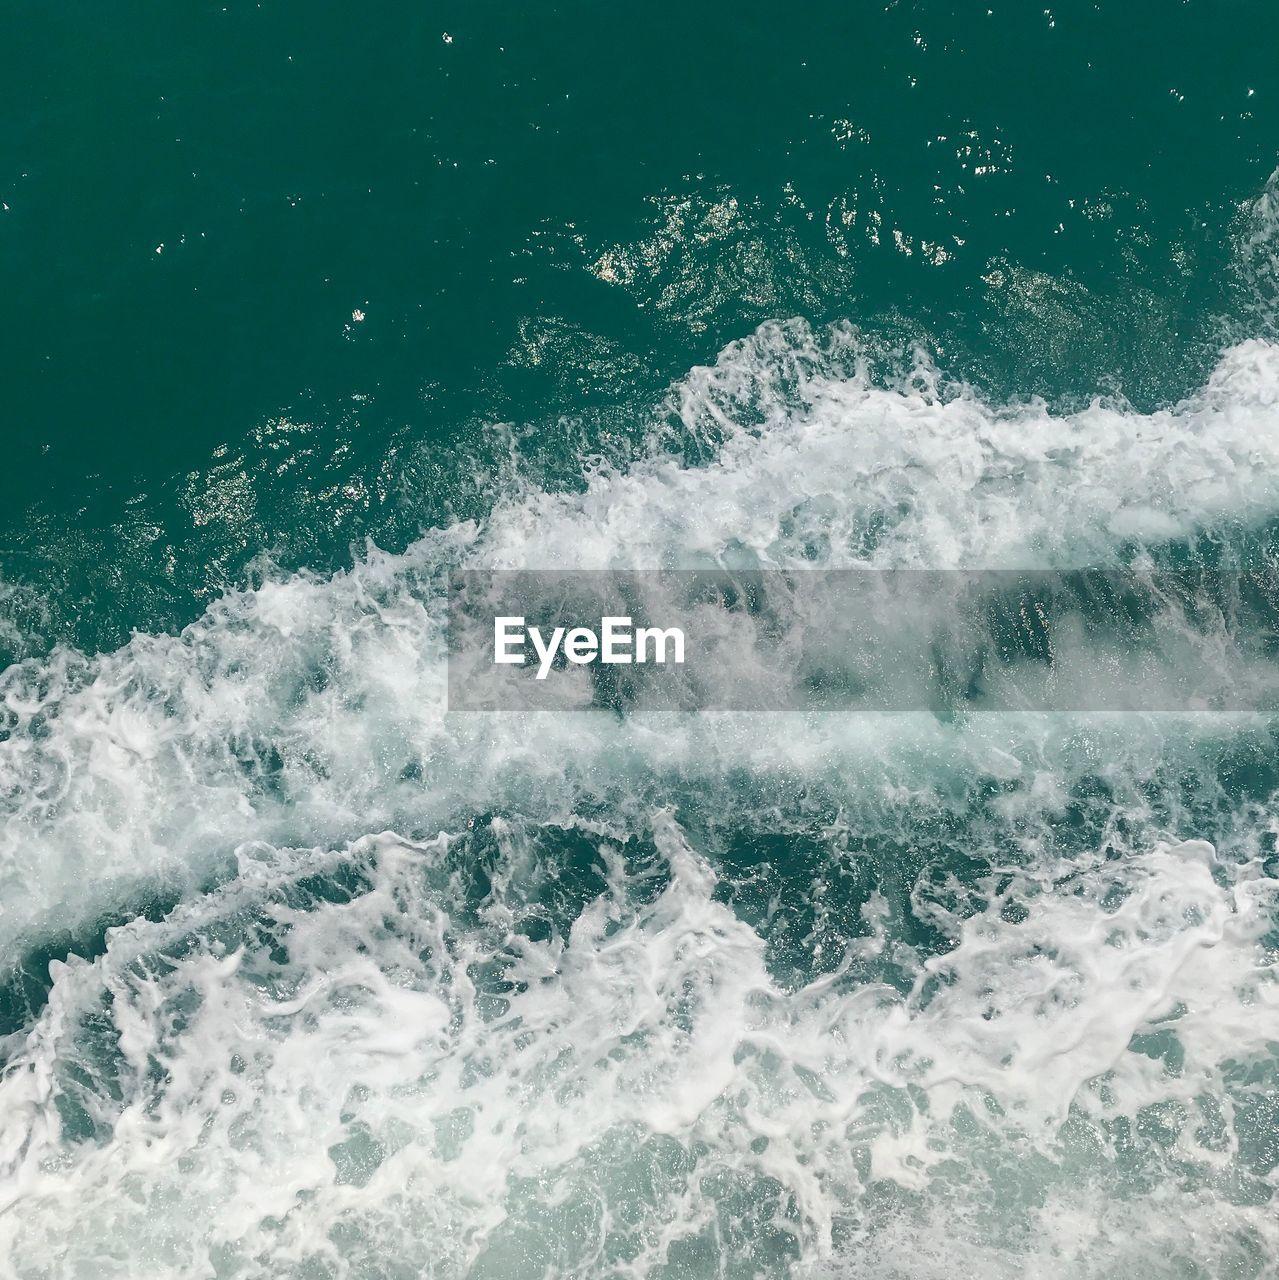 WAVES SPLASHING ON SEA